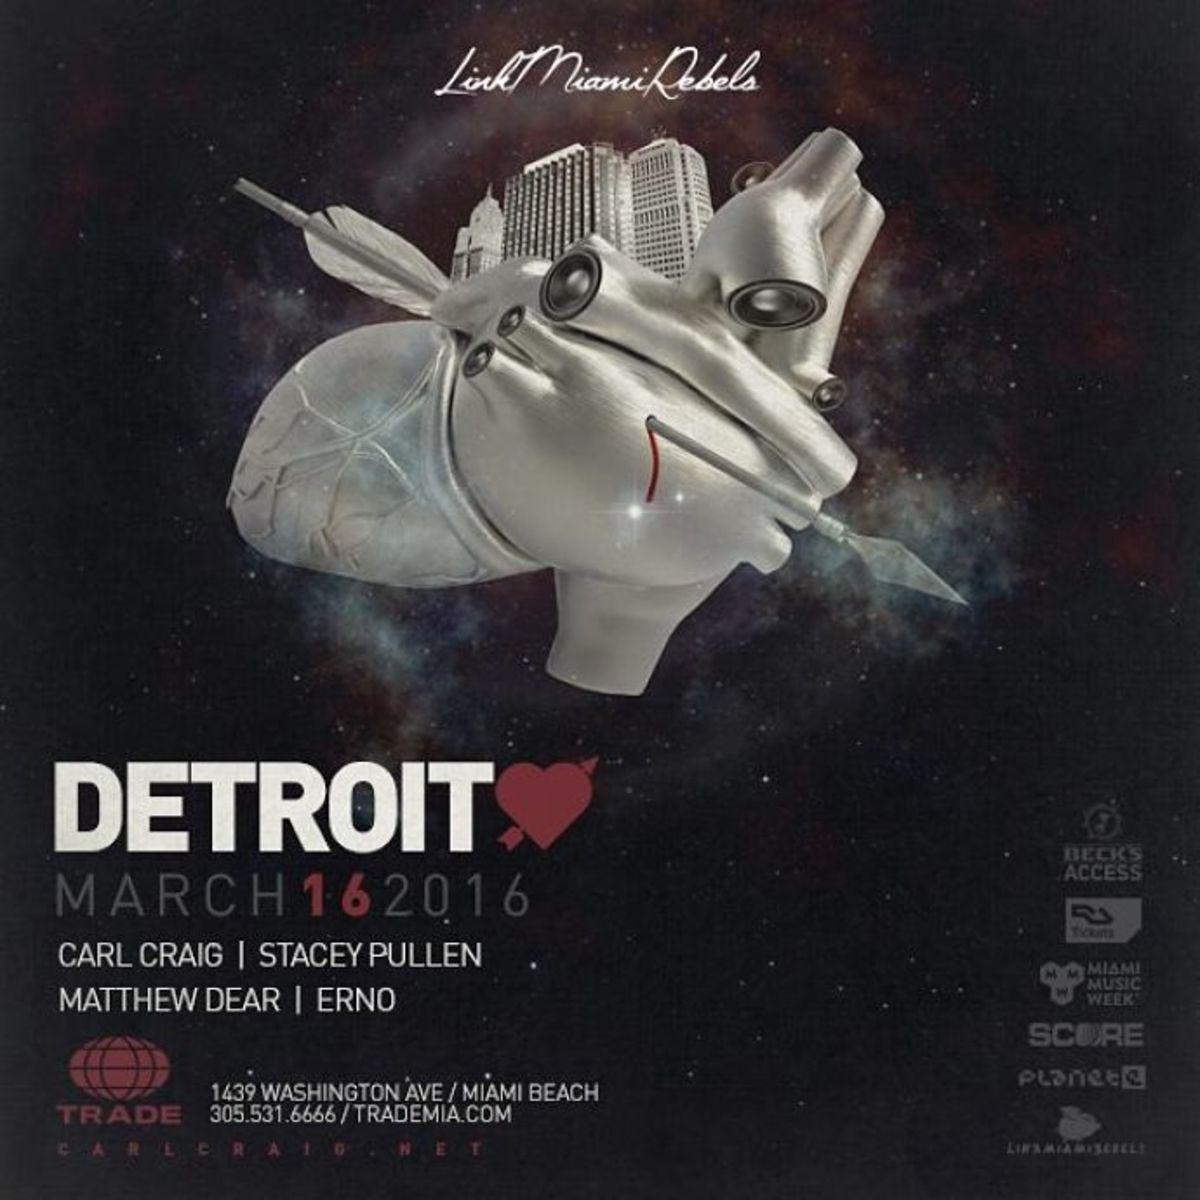 DetroitLove